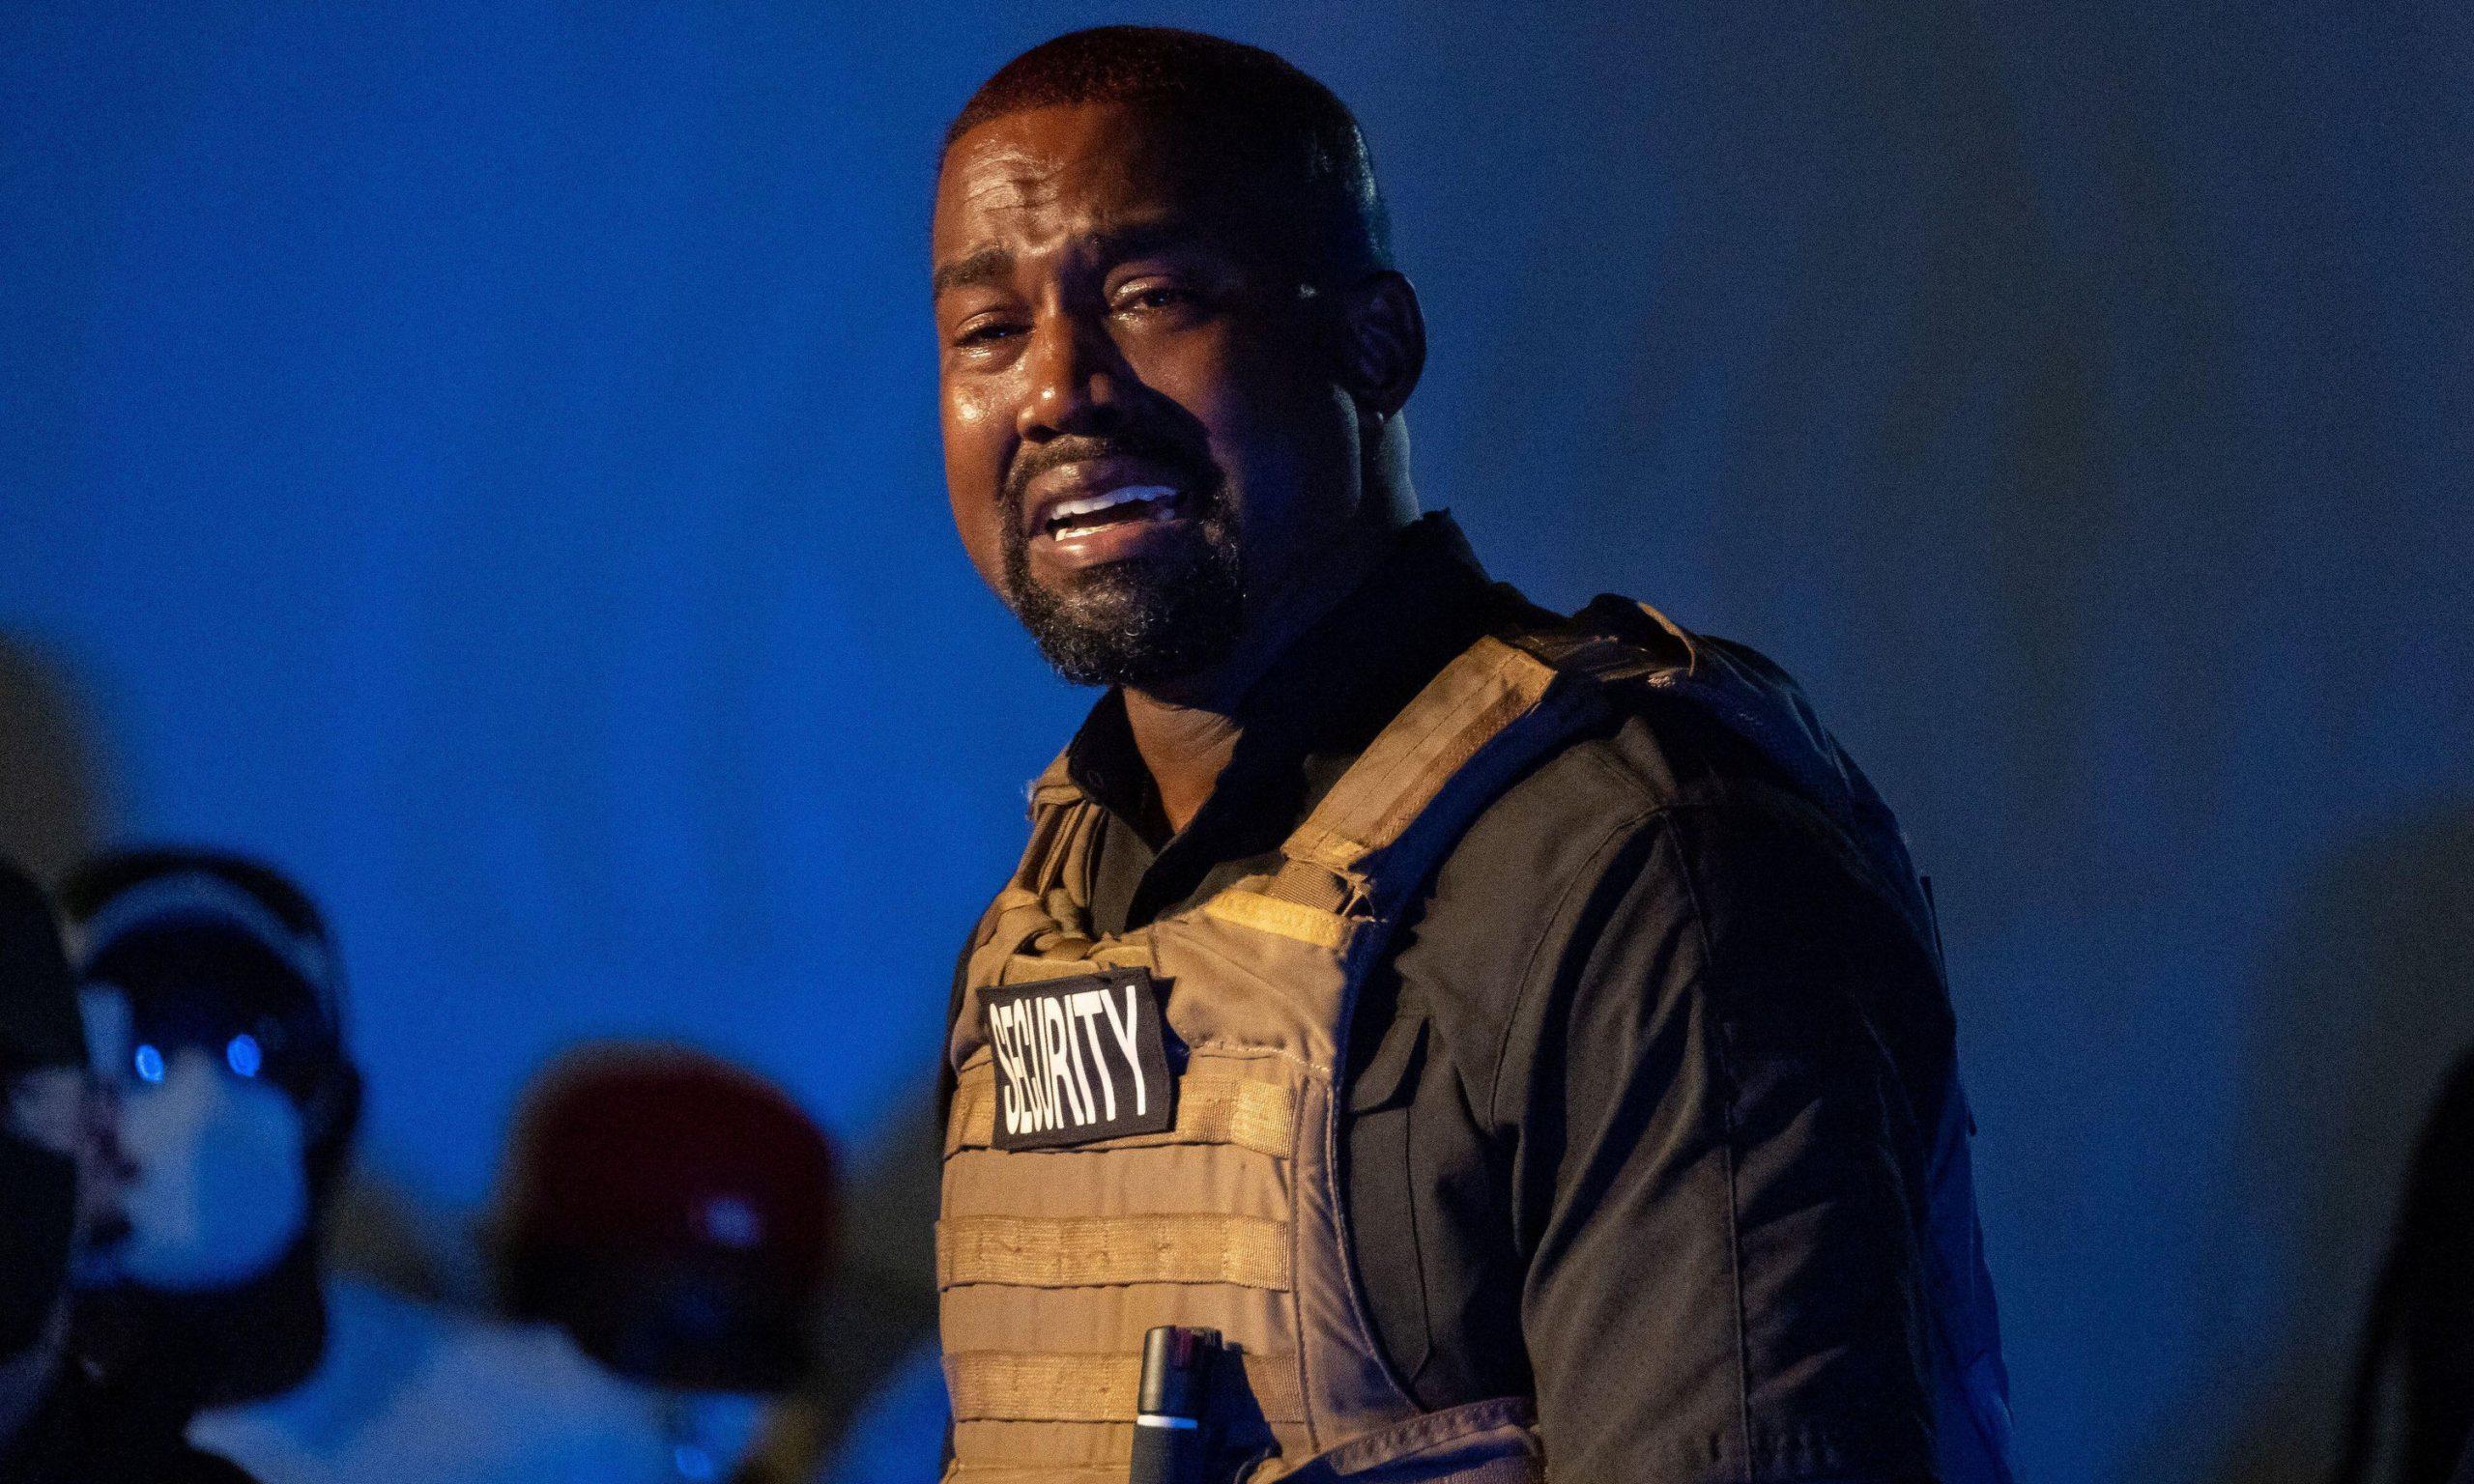 精神问题引人担忧,Kanye West 称 Kim 要将自己关起来